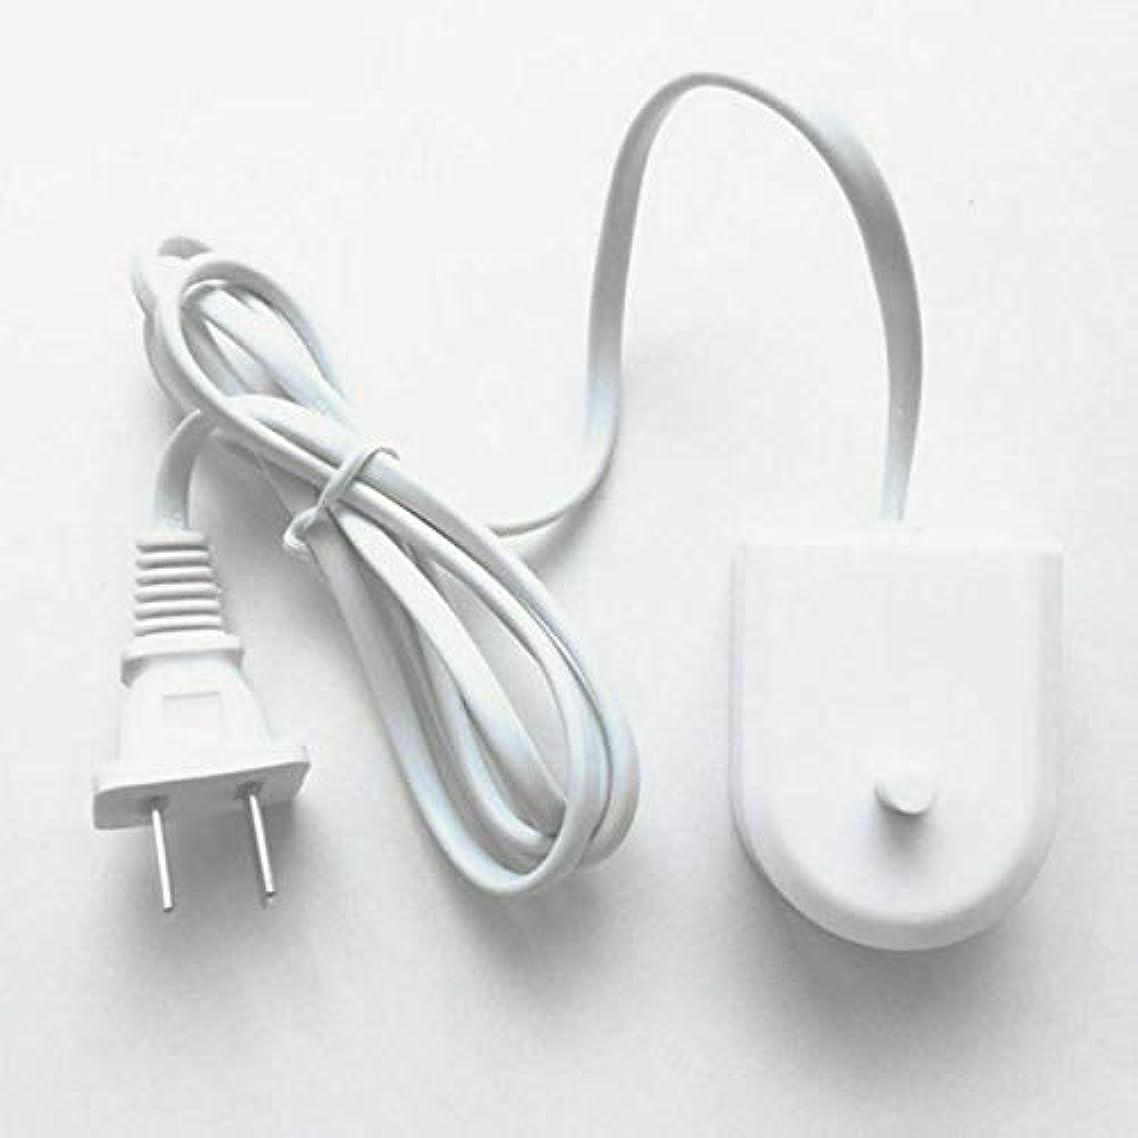 遺棄された聴覚障害者繁栄Philips sonicare 電動歯ブラシ専用 携帯用小型充電器 フィリップス ソニッケアー音波電動歯ブラシ 充電器 [並行輸入品]